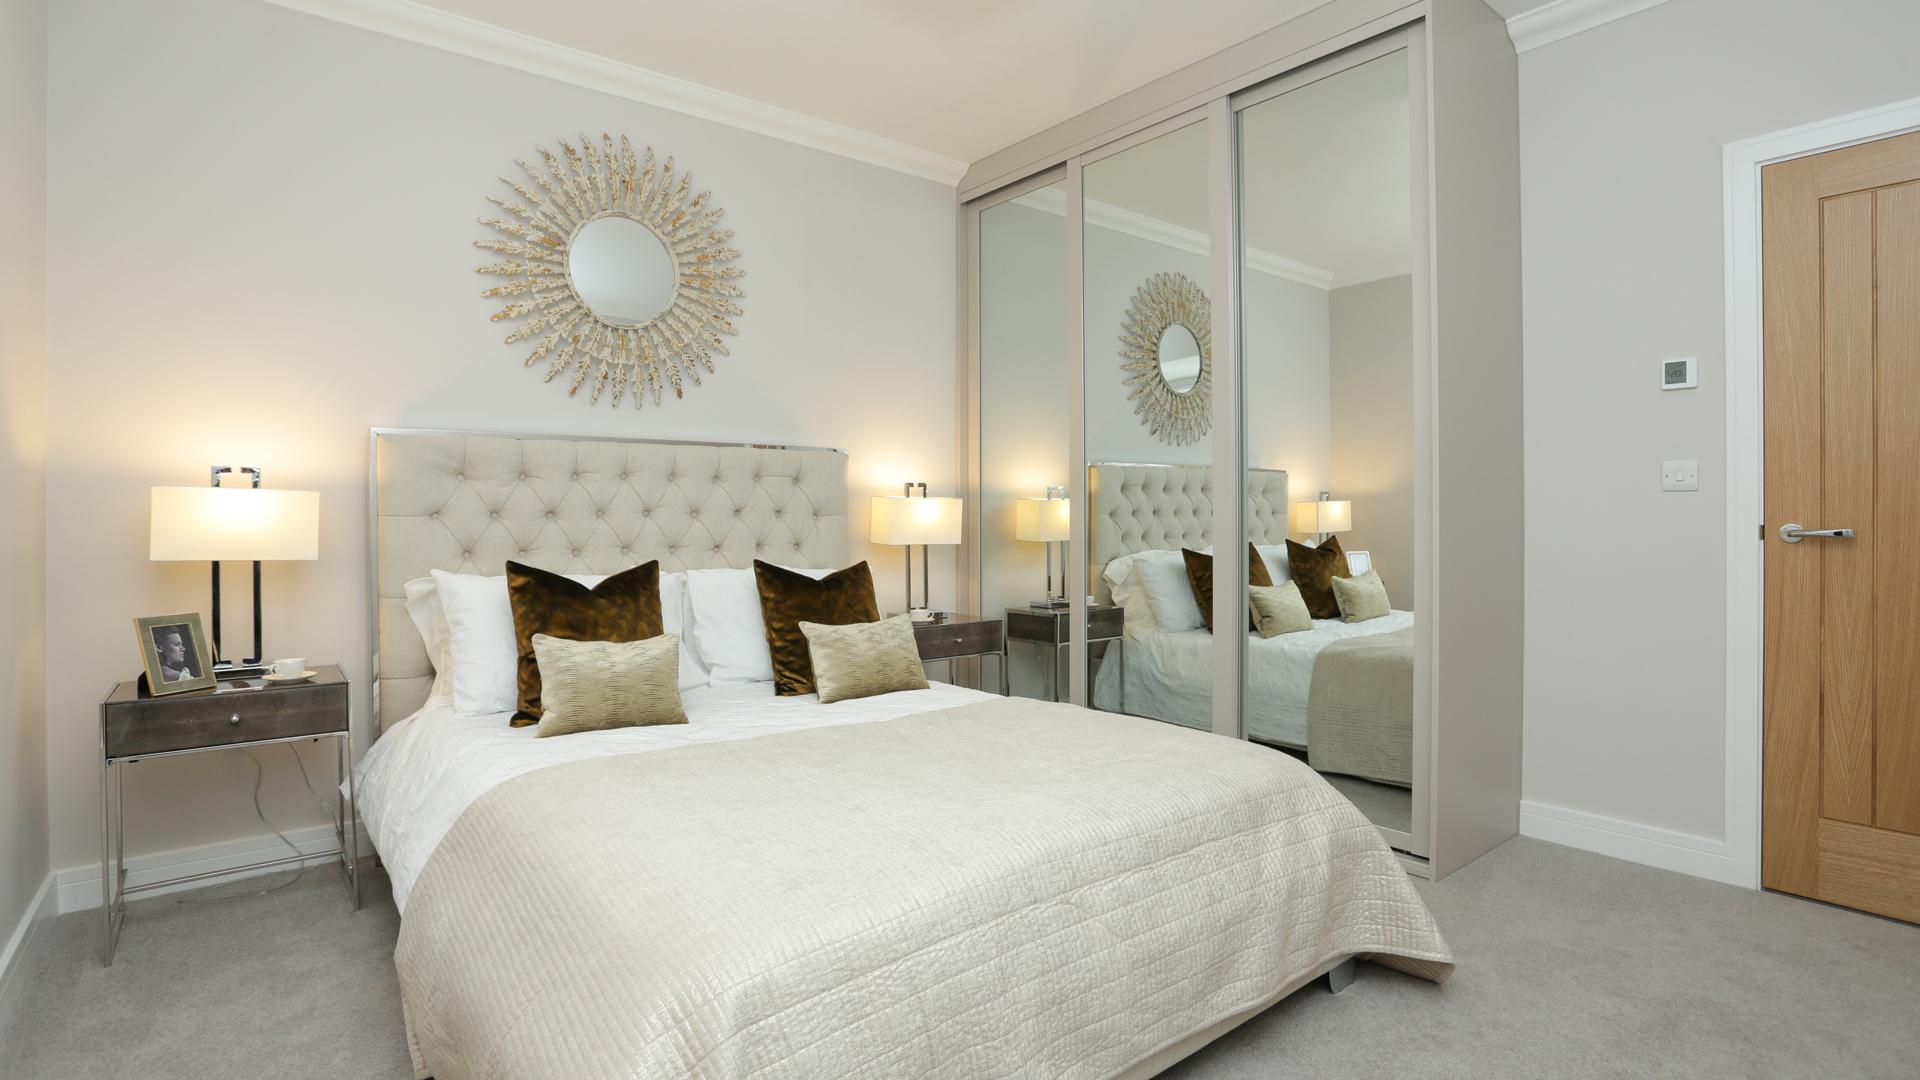 Cobnut Park Plot 7 master Bedroom with a mirror wardrobe.